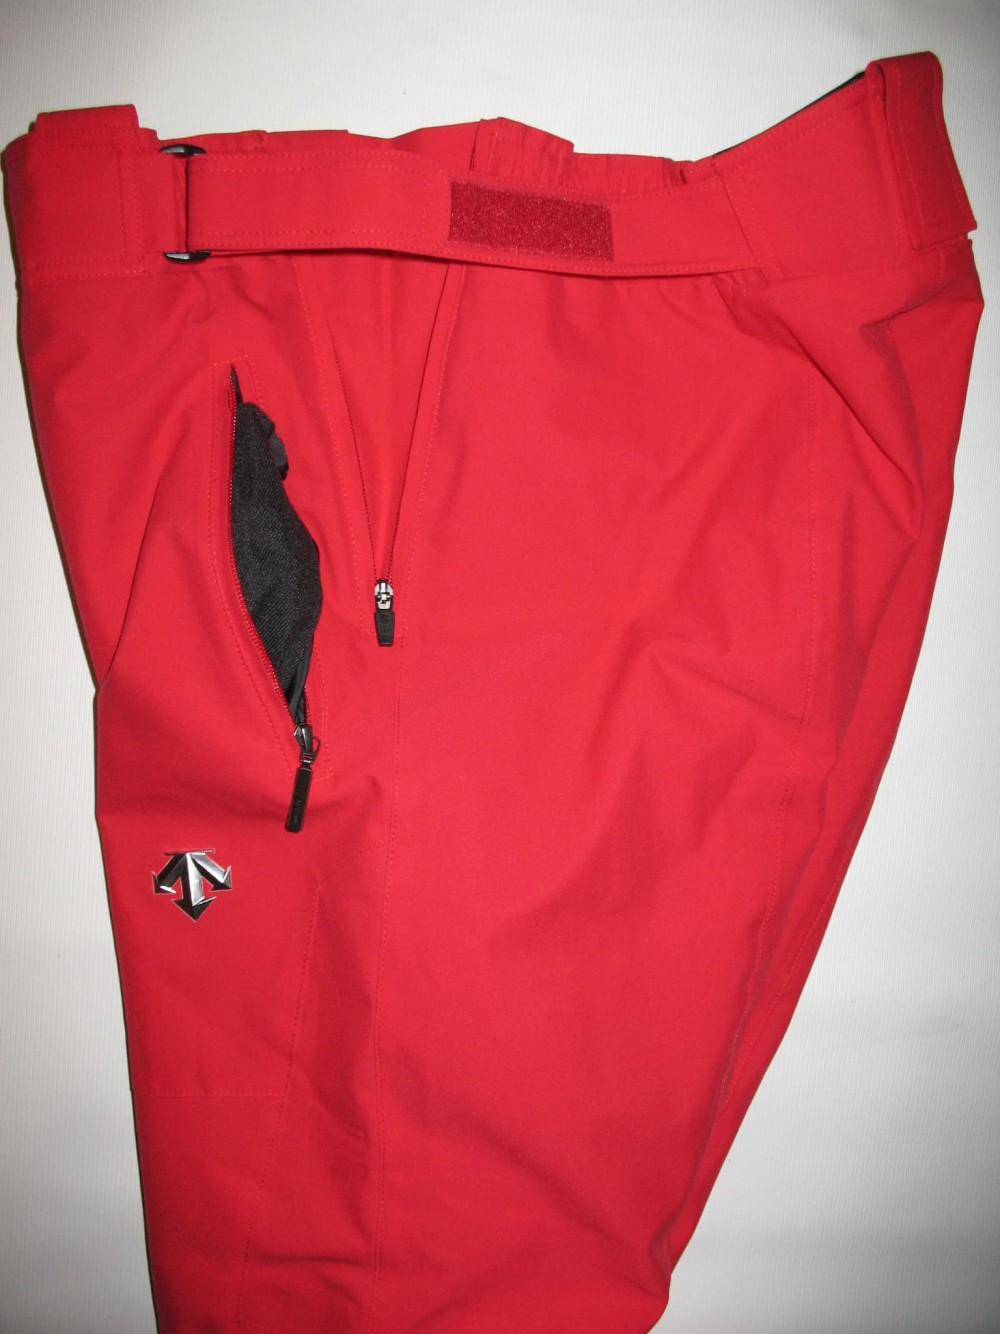 Штаны DESCENTE   Peak Mens Ski Pants  (размер 52/XL) - 7